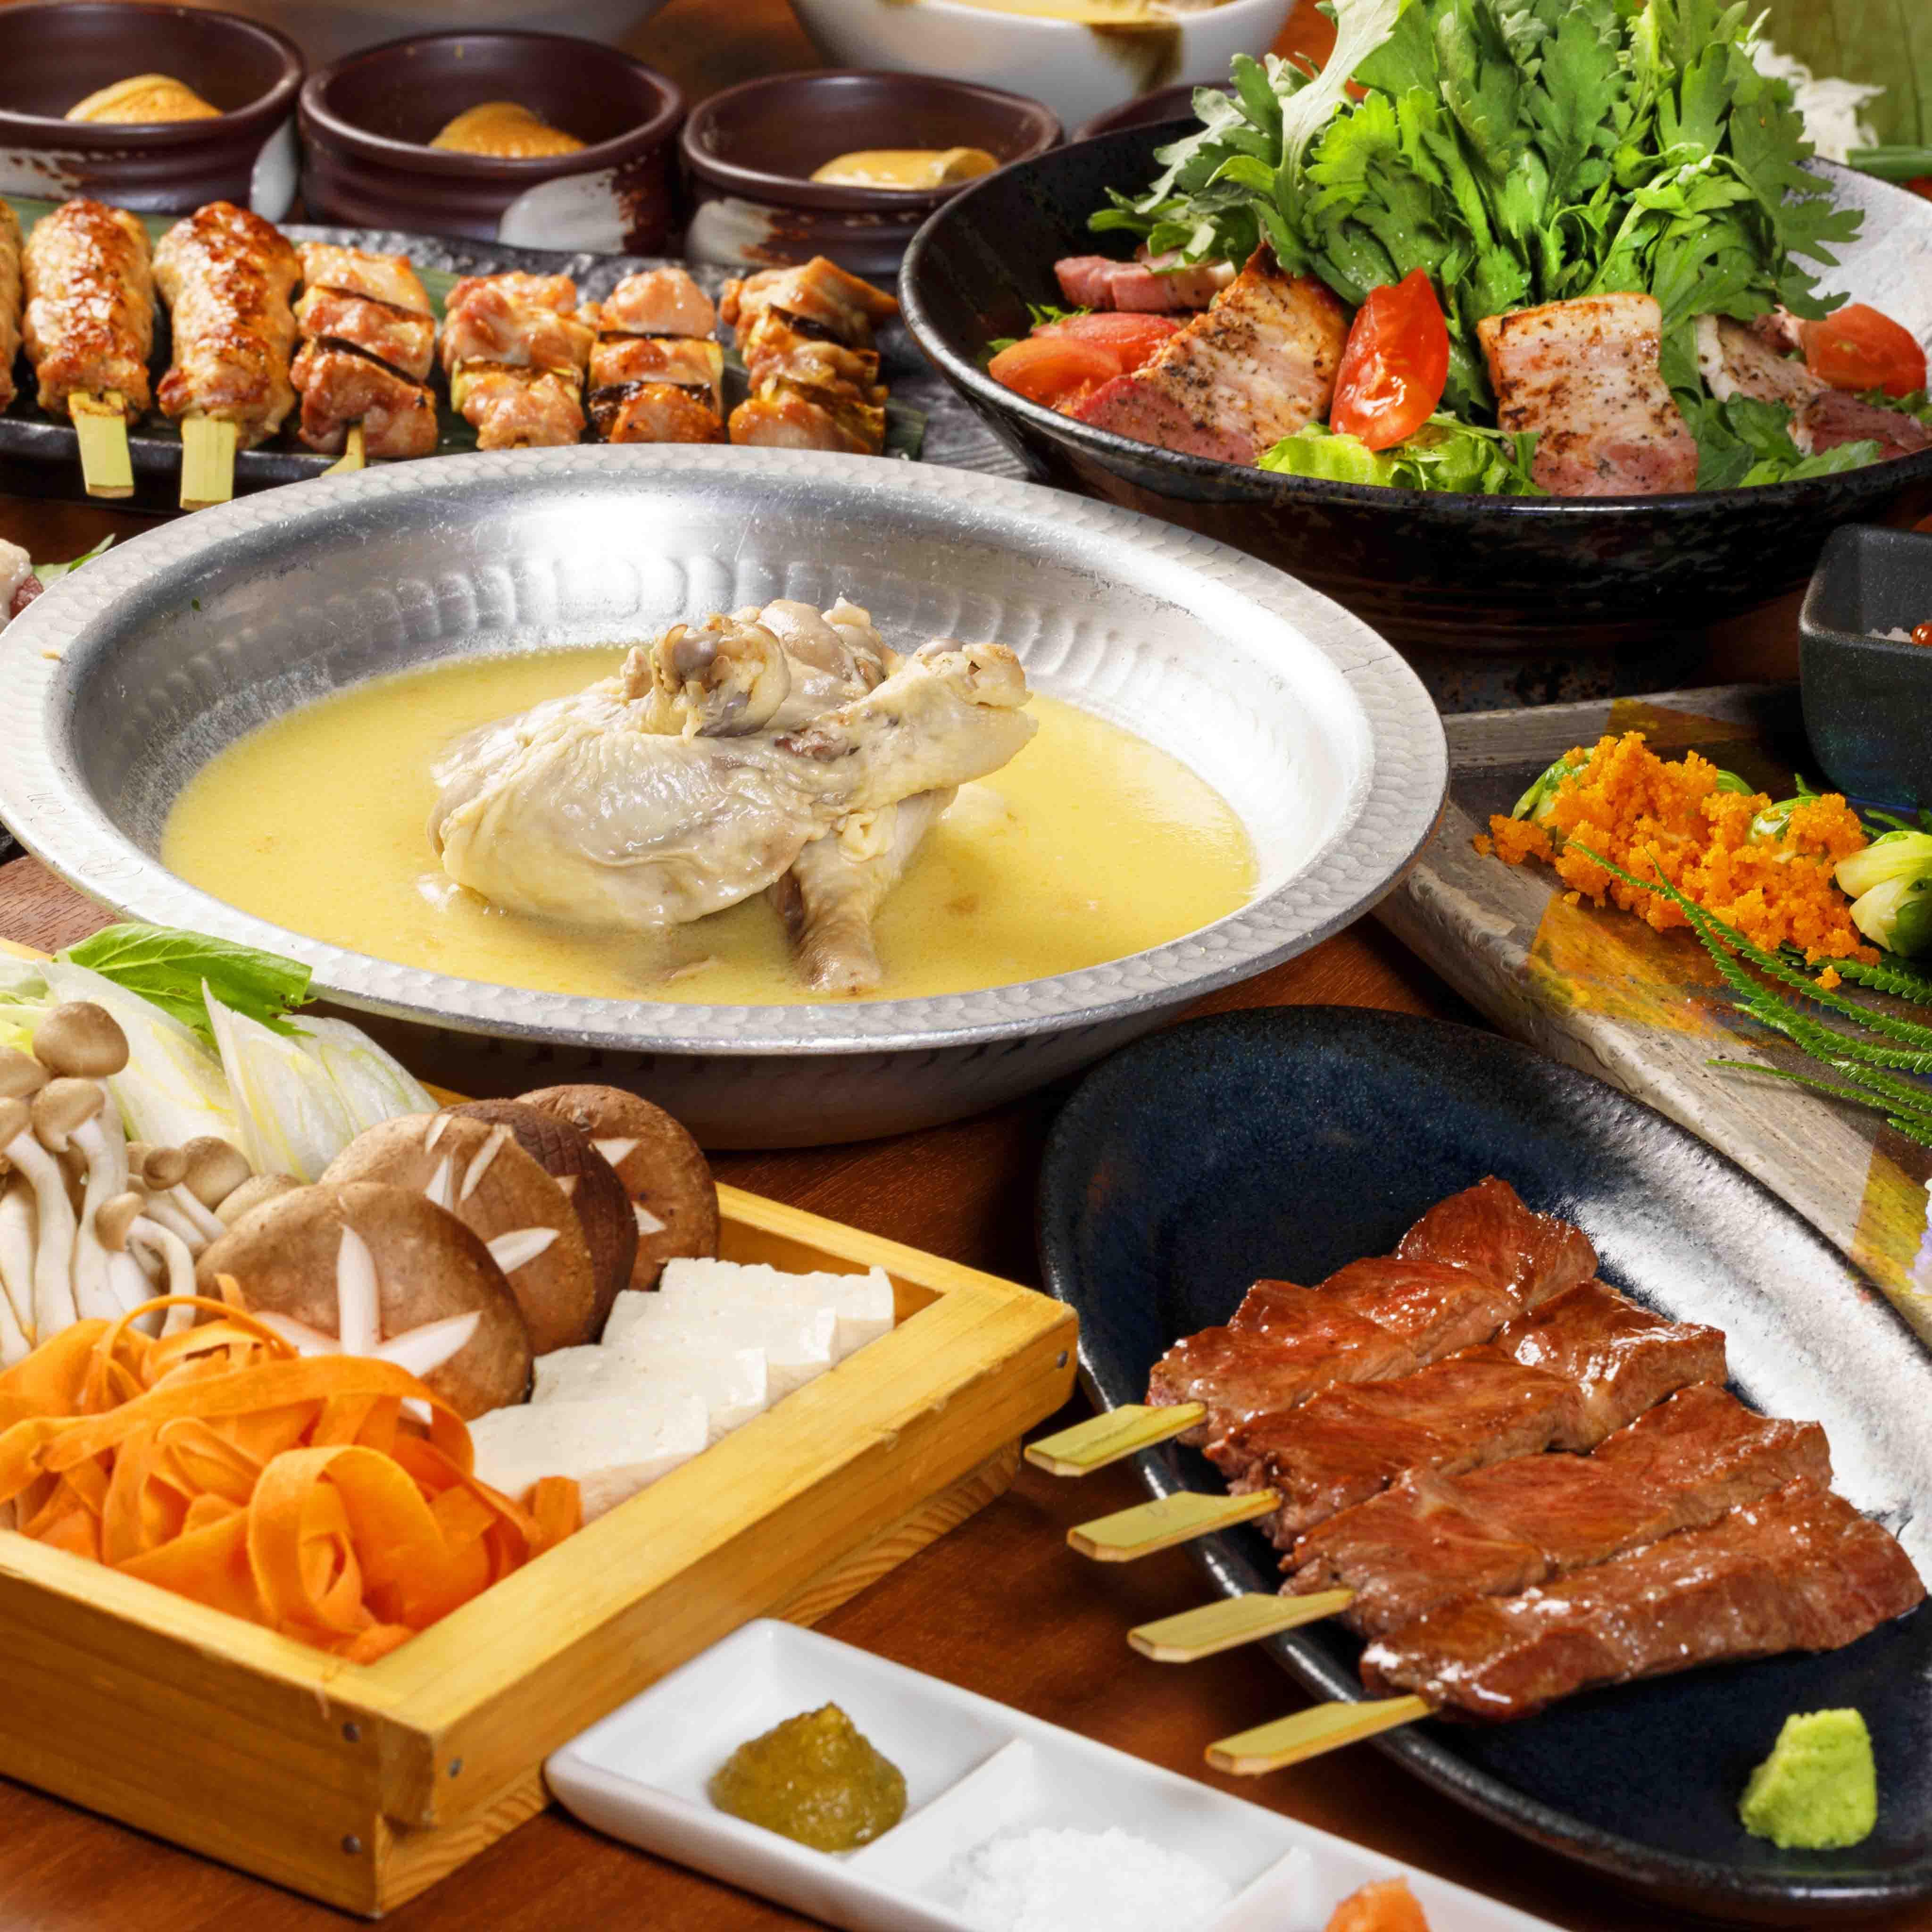 [お料理のみ] 馬刺し×串×名物水炊き鍋コース9品